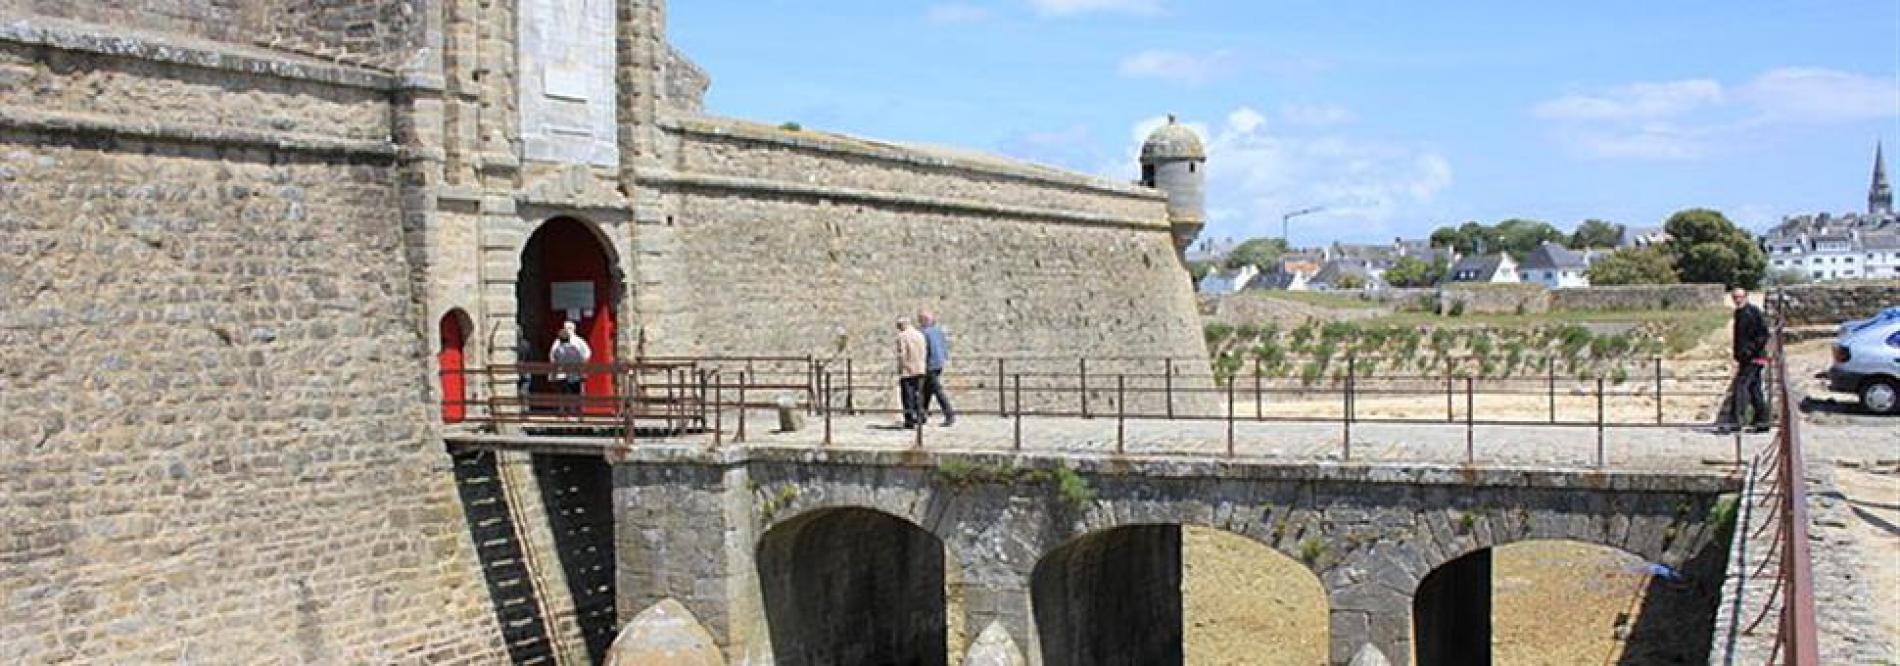 La Citadelle Port-Louis